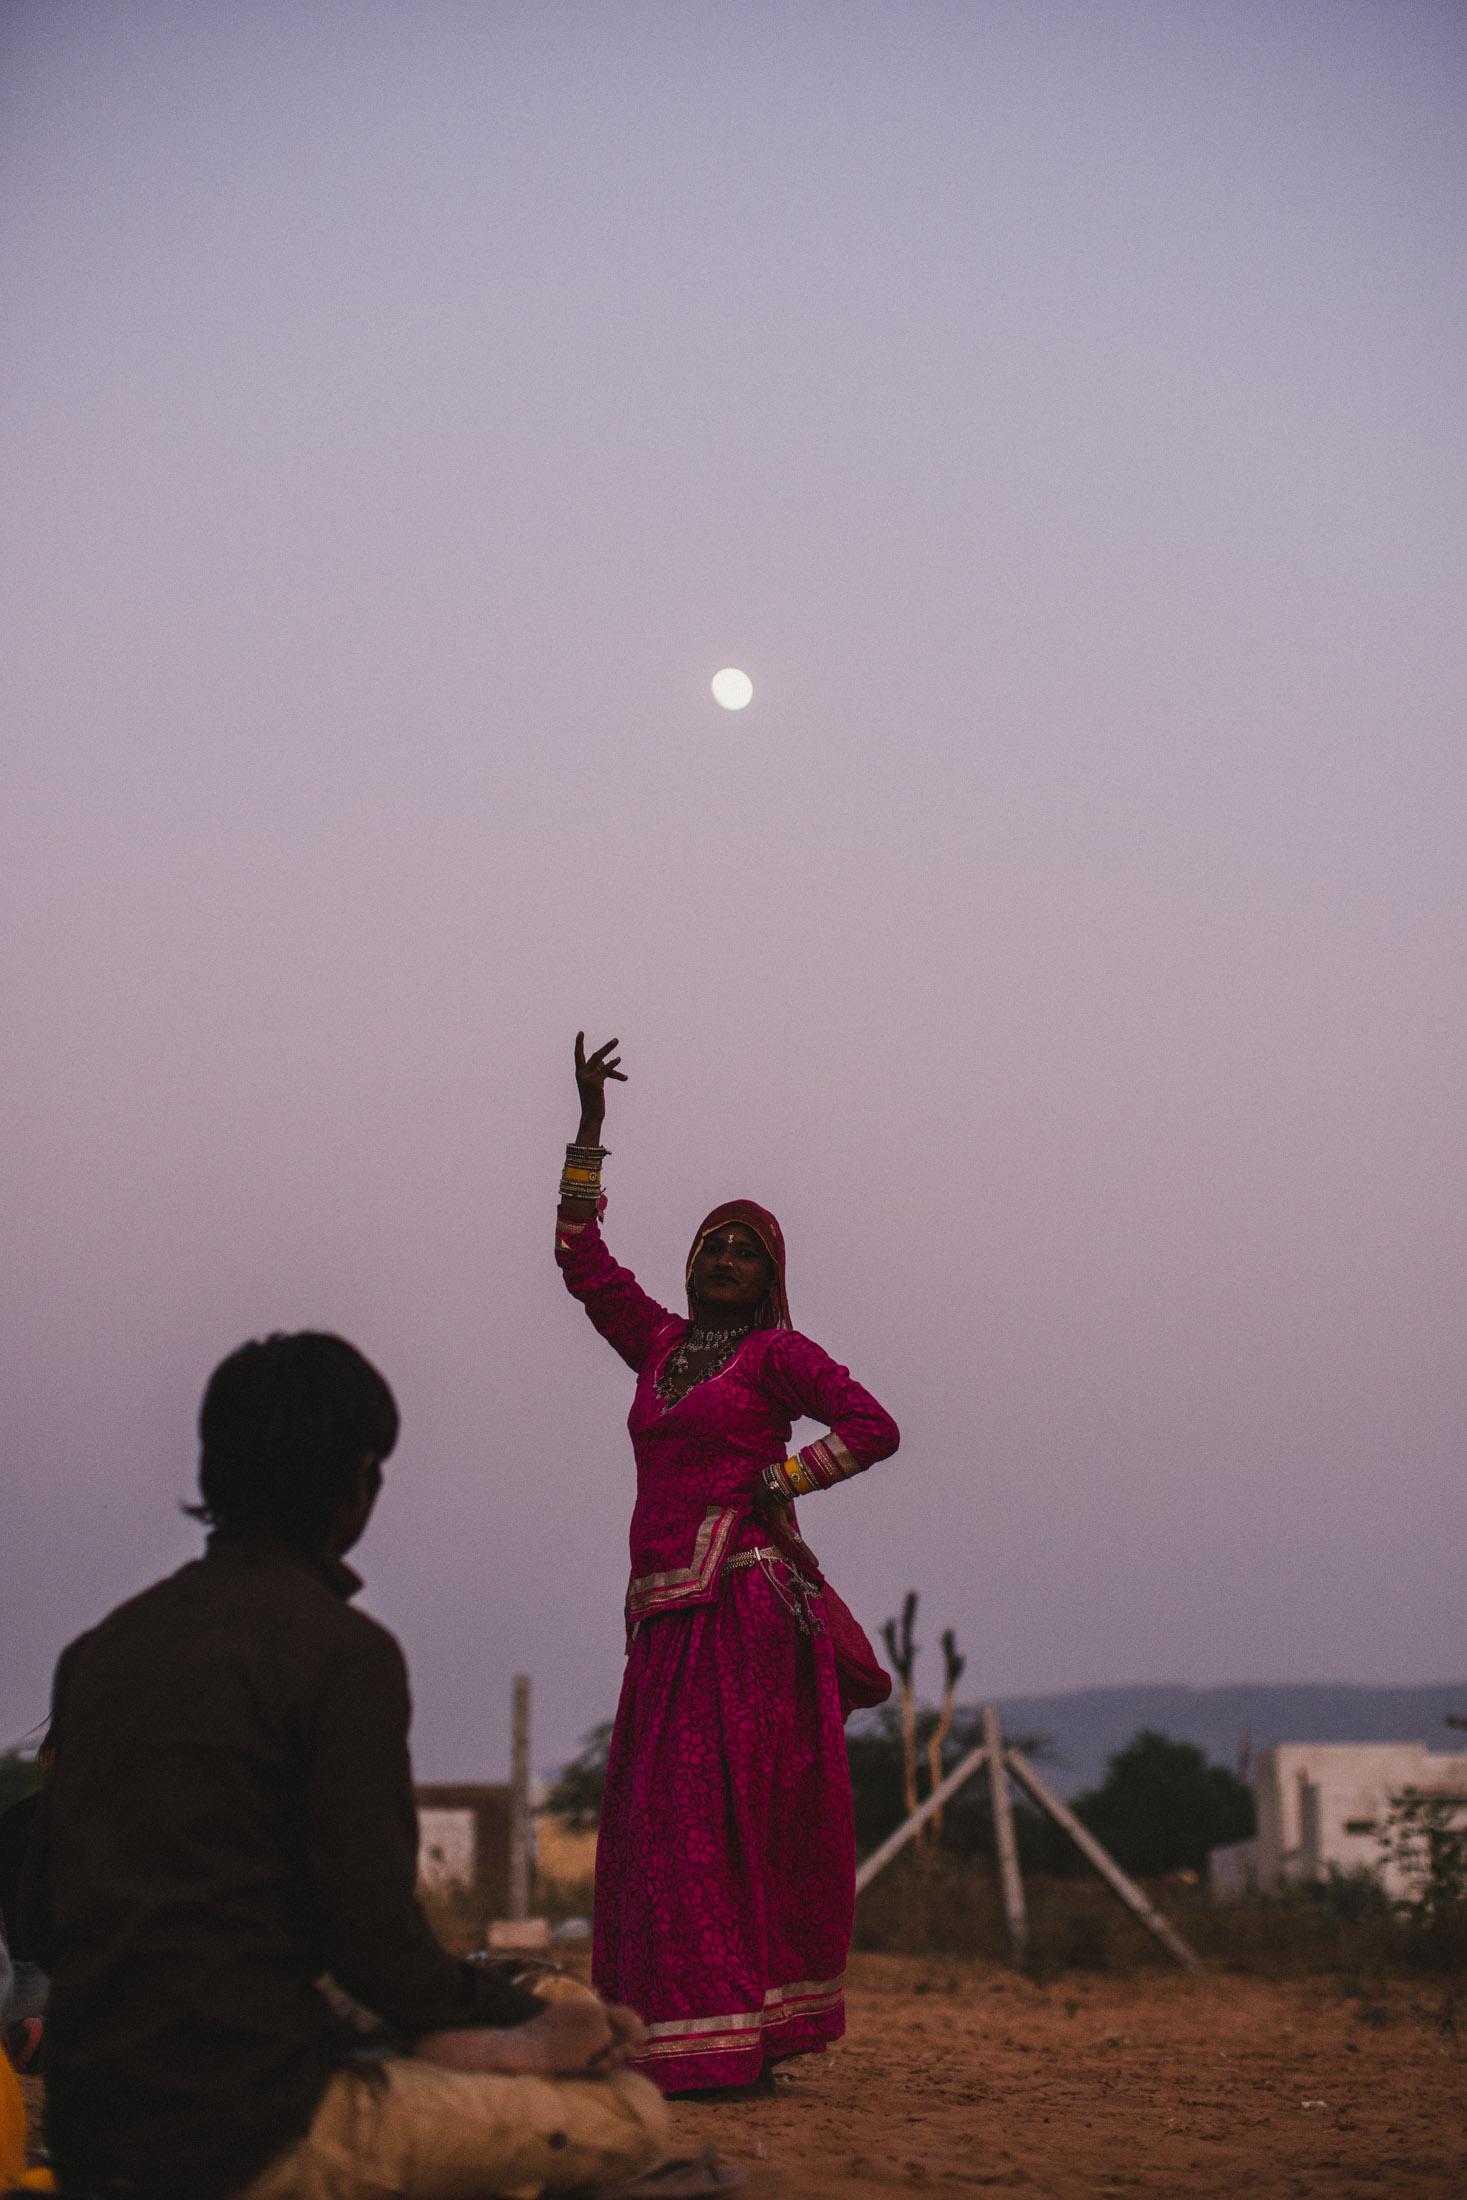 Pushkar Nov 2017-Dean Raphael Photography-137.jpg